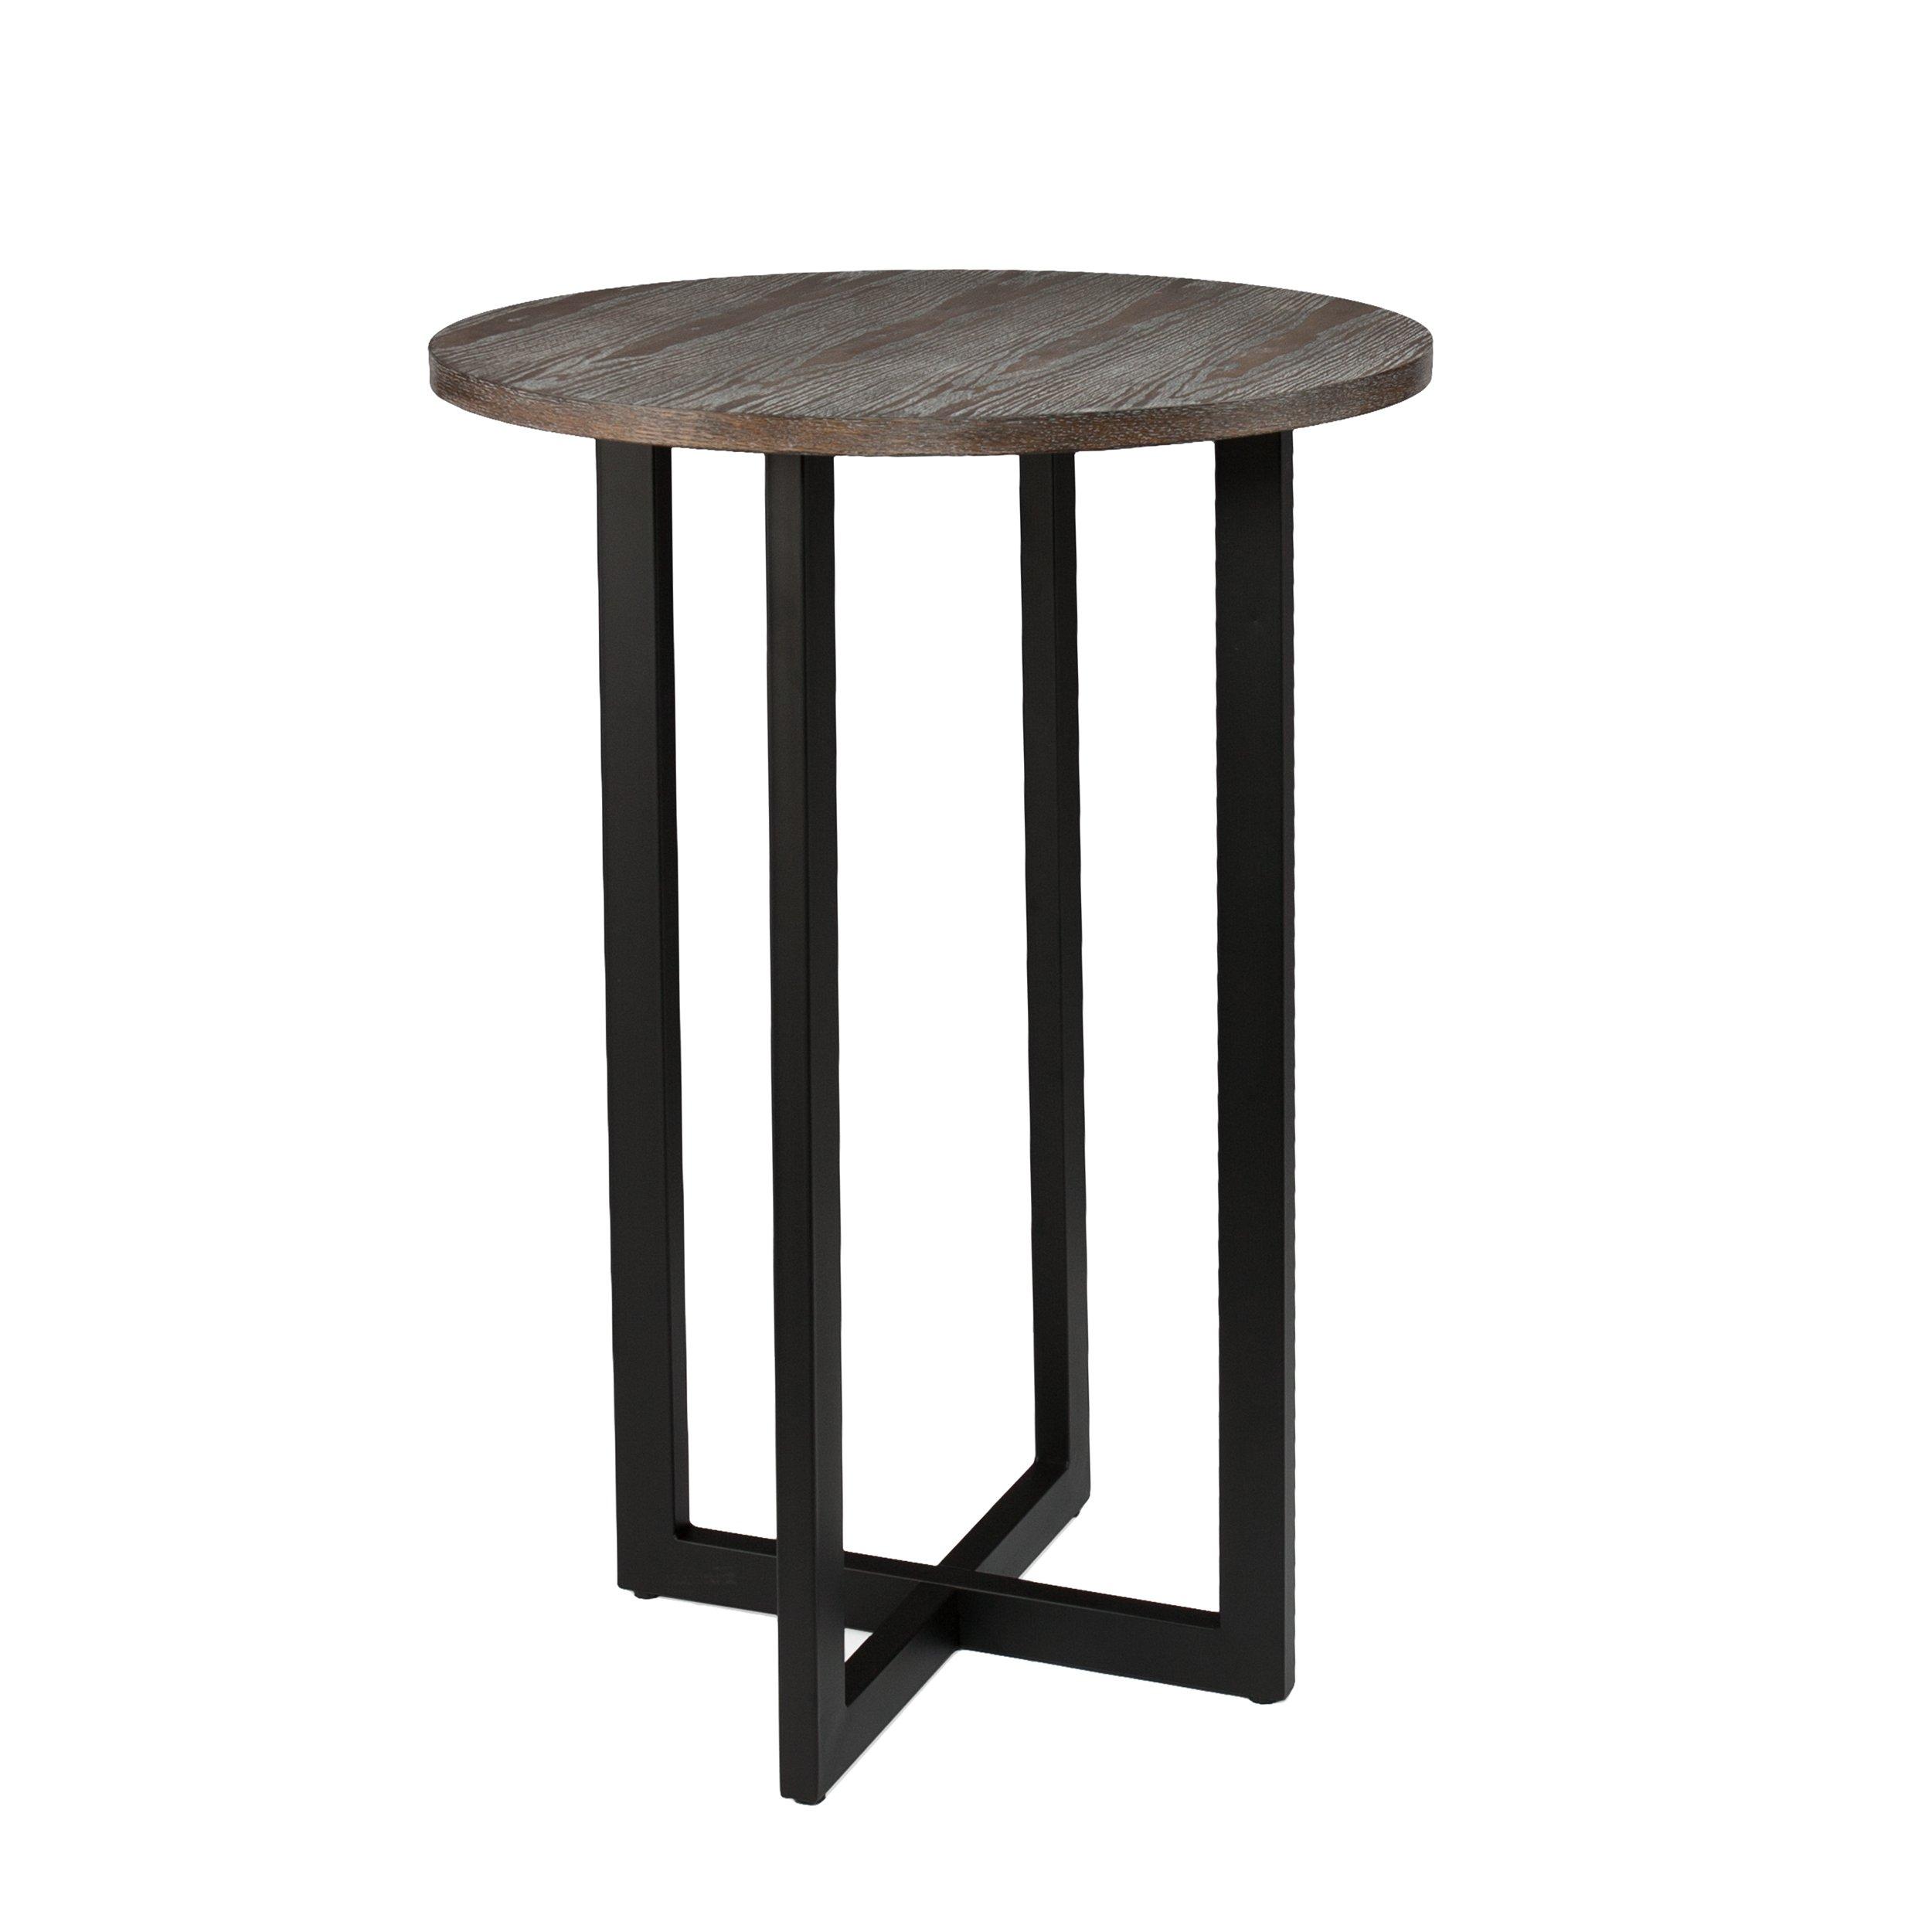 Danby Bistro 42'' Bar Table - Burnt Oak Finish w/ Black Metal Base - Seats 2 to 4 People by Southern Enterprises